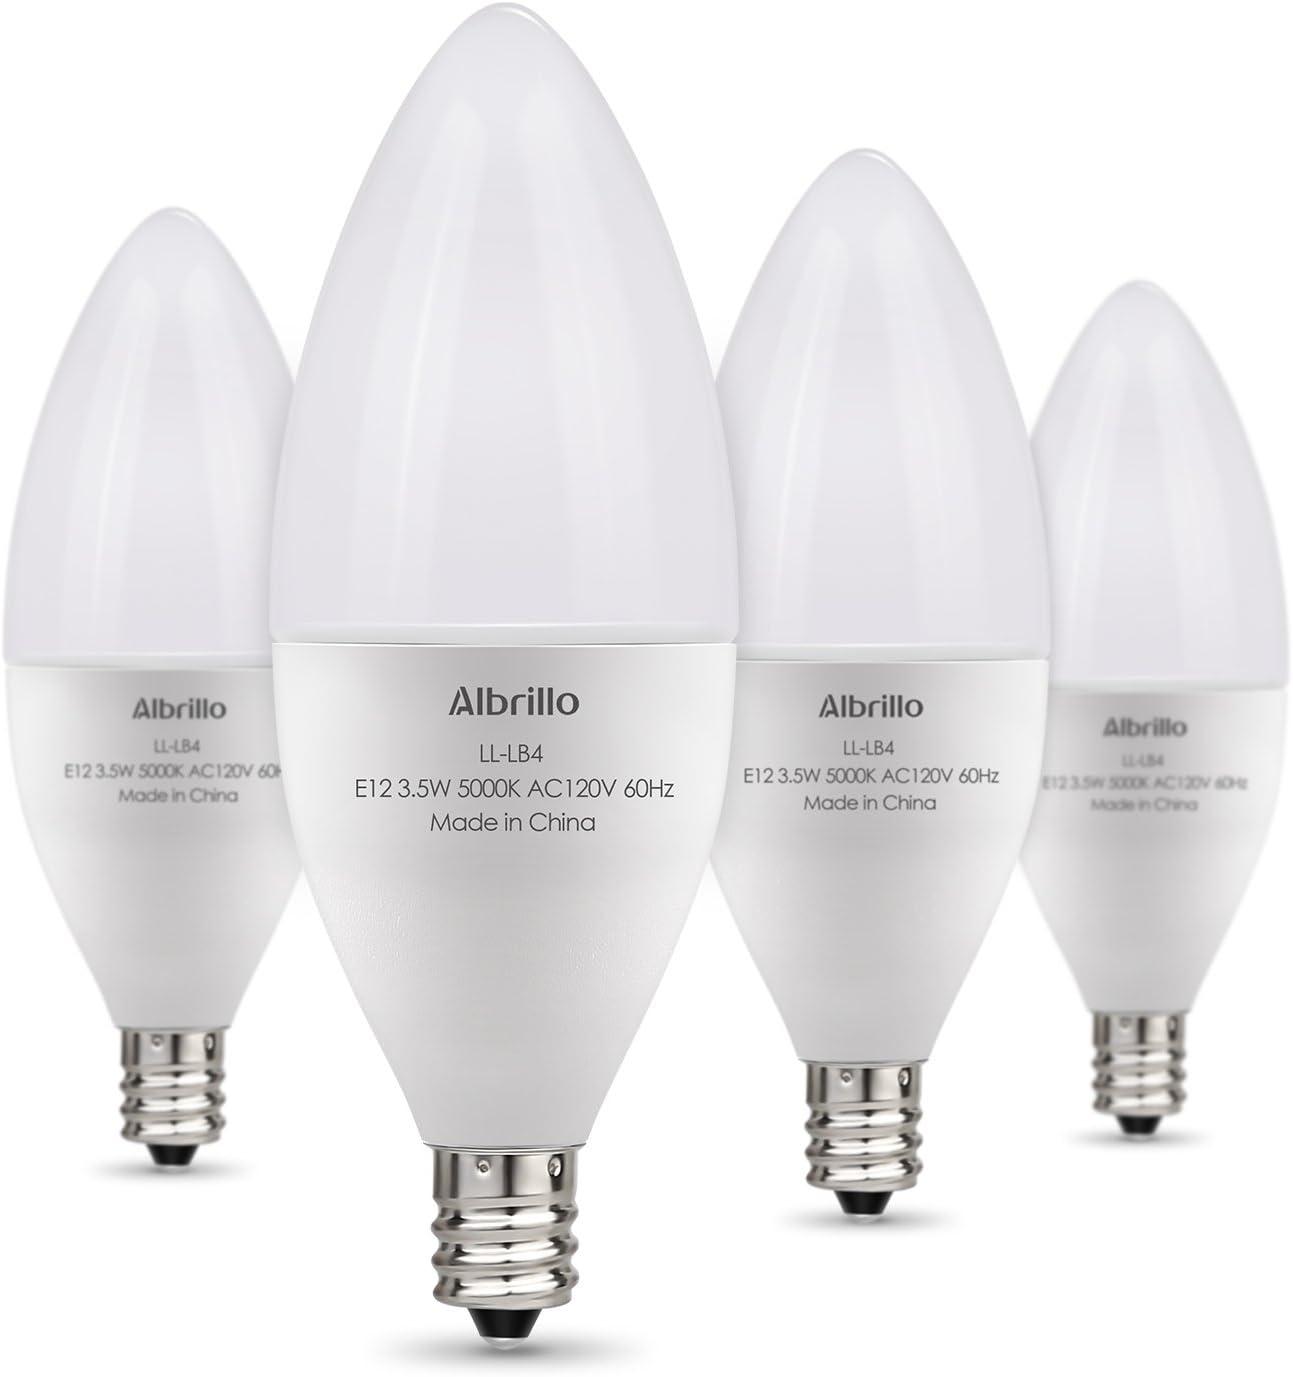 Albrillo E12 Led Candelabra Light Bulbs Led Bulbs Daylight Led Ceiling Fan Light Bulbs 40 Watt Equivalent Candelabra Base Chandelier Light Bulbs Non Dimmable 4 Pack